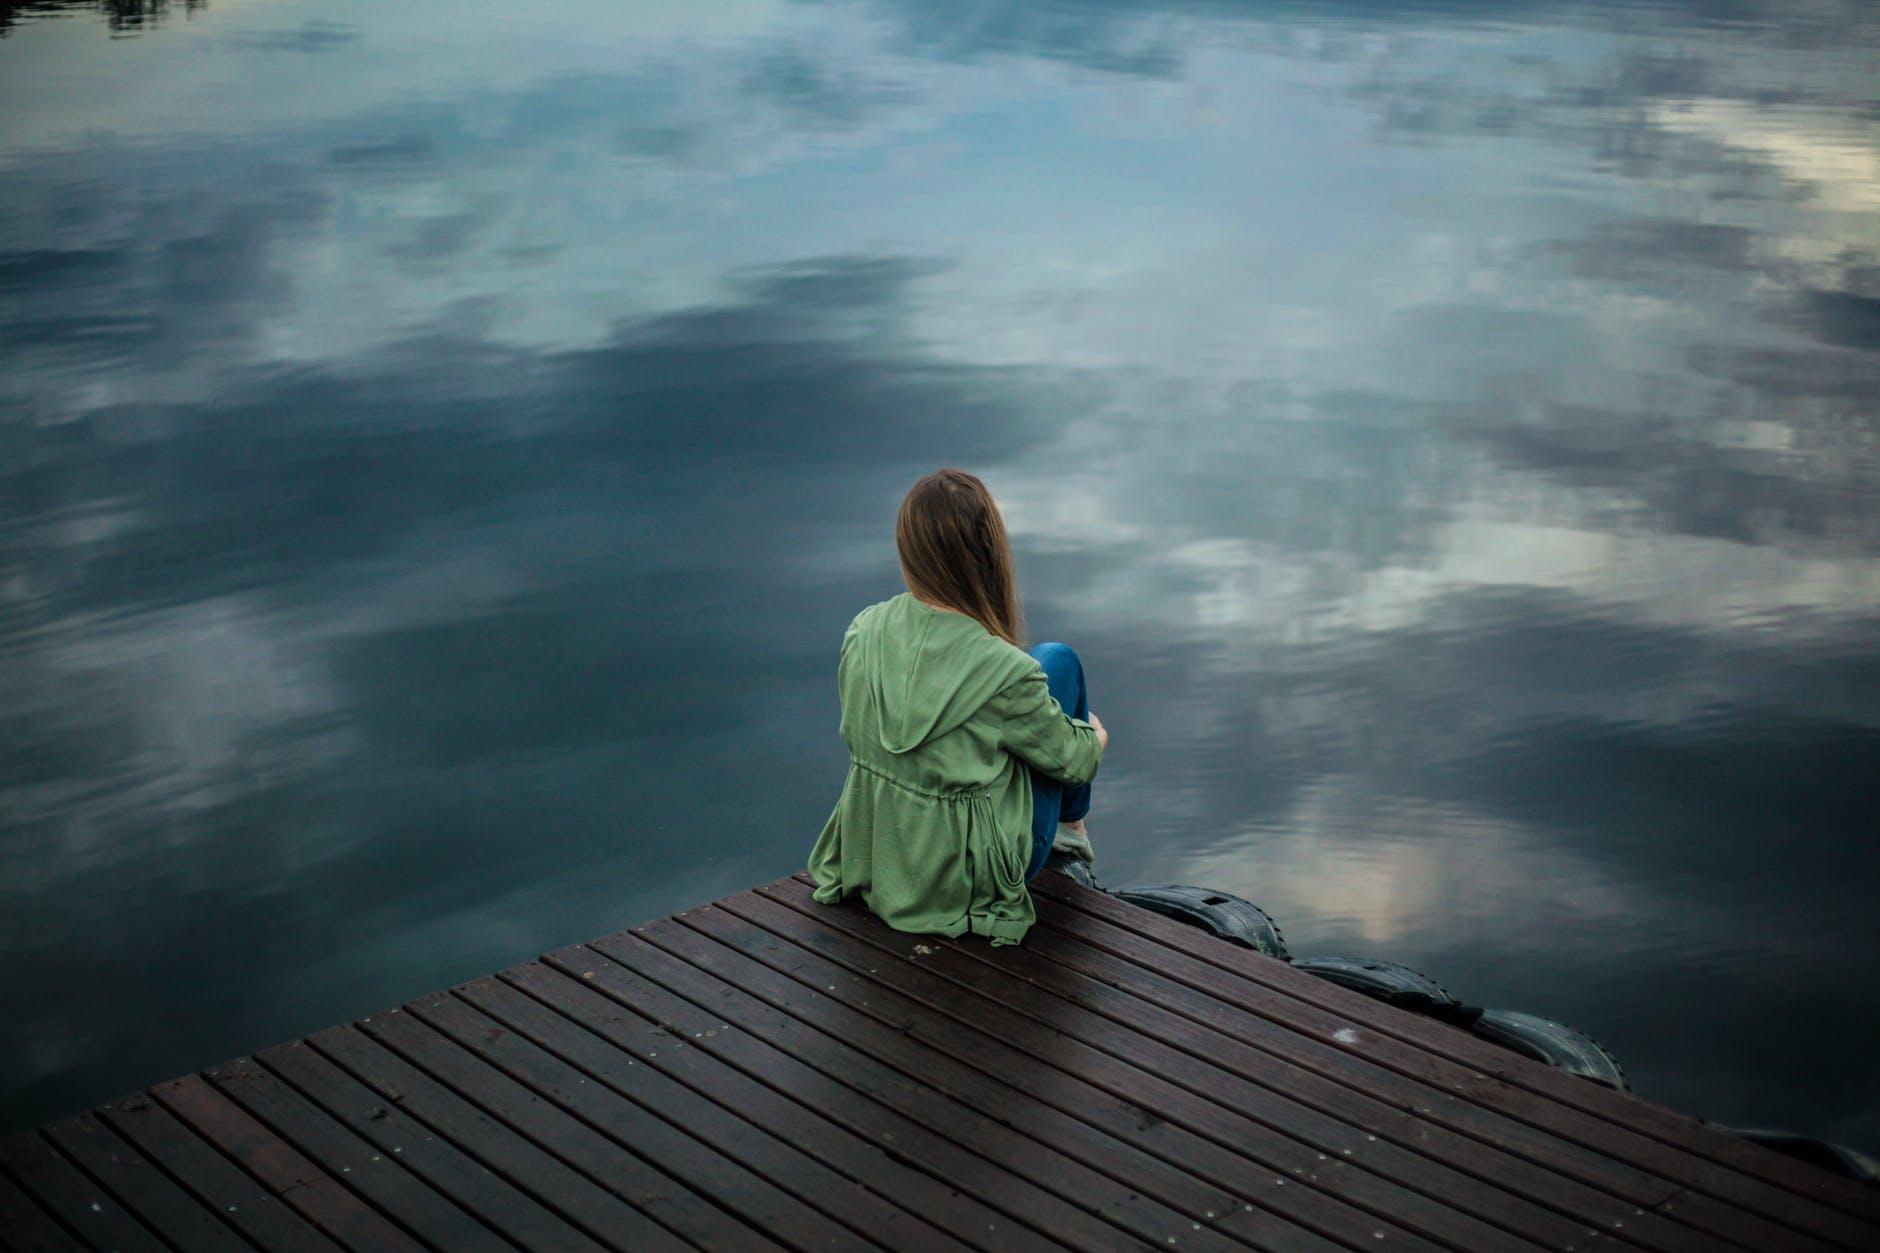 La decepción puede ser una oportunidad – Psicología y Mediación